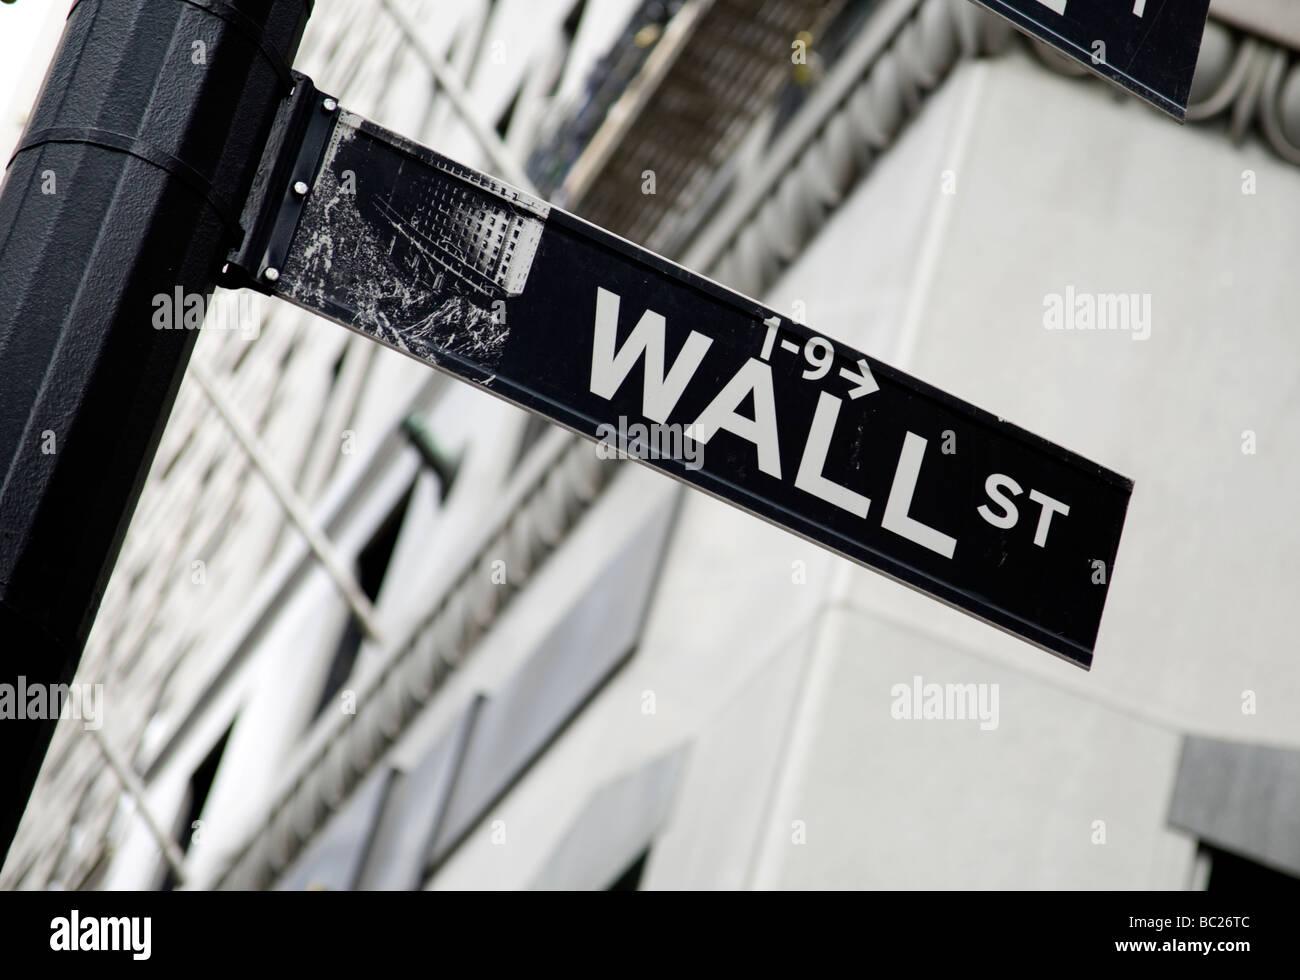 New York stock exchange Manhattan NY - Stock Image